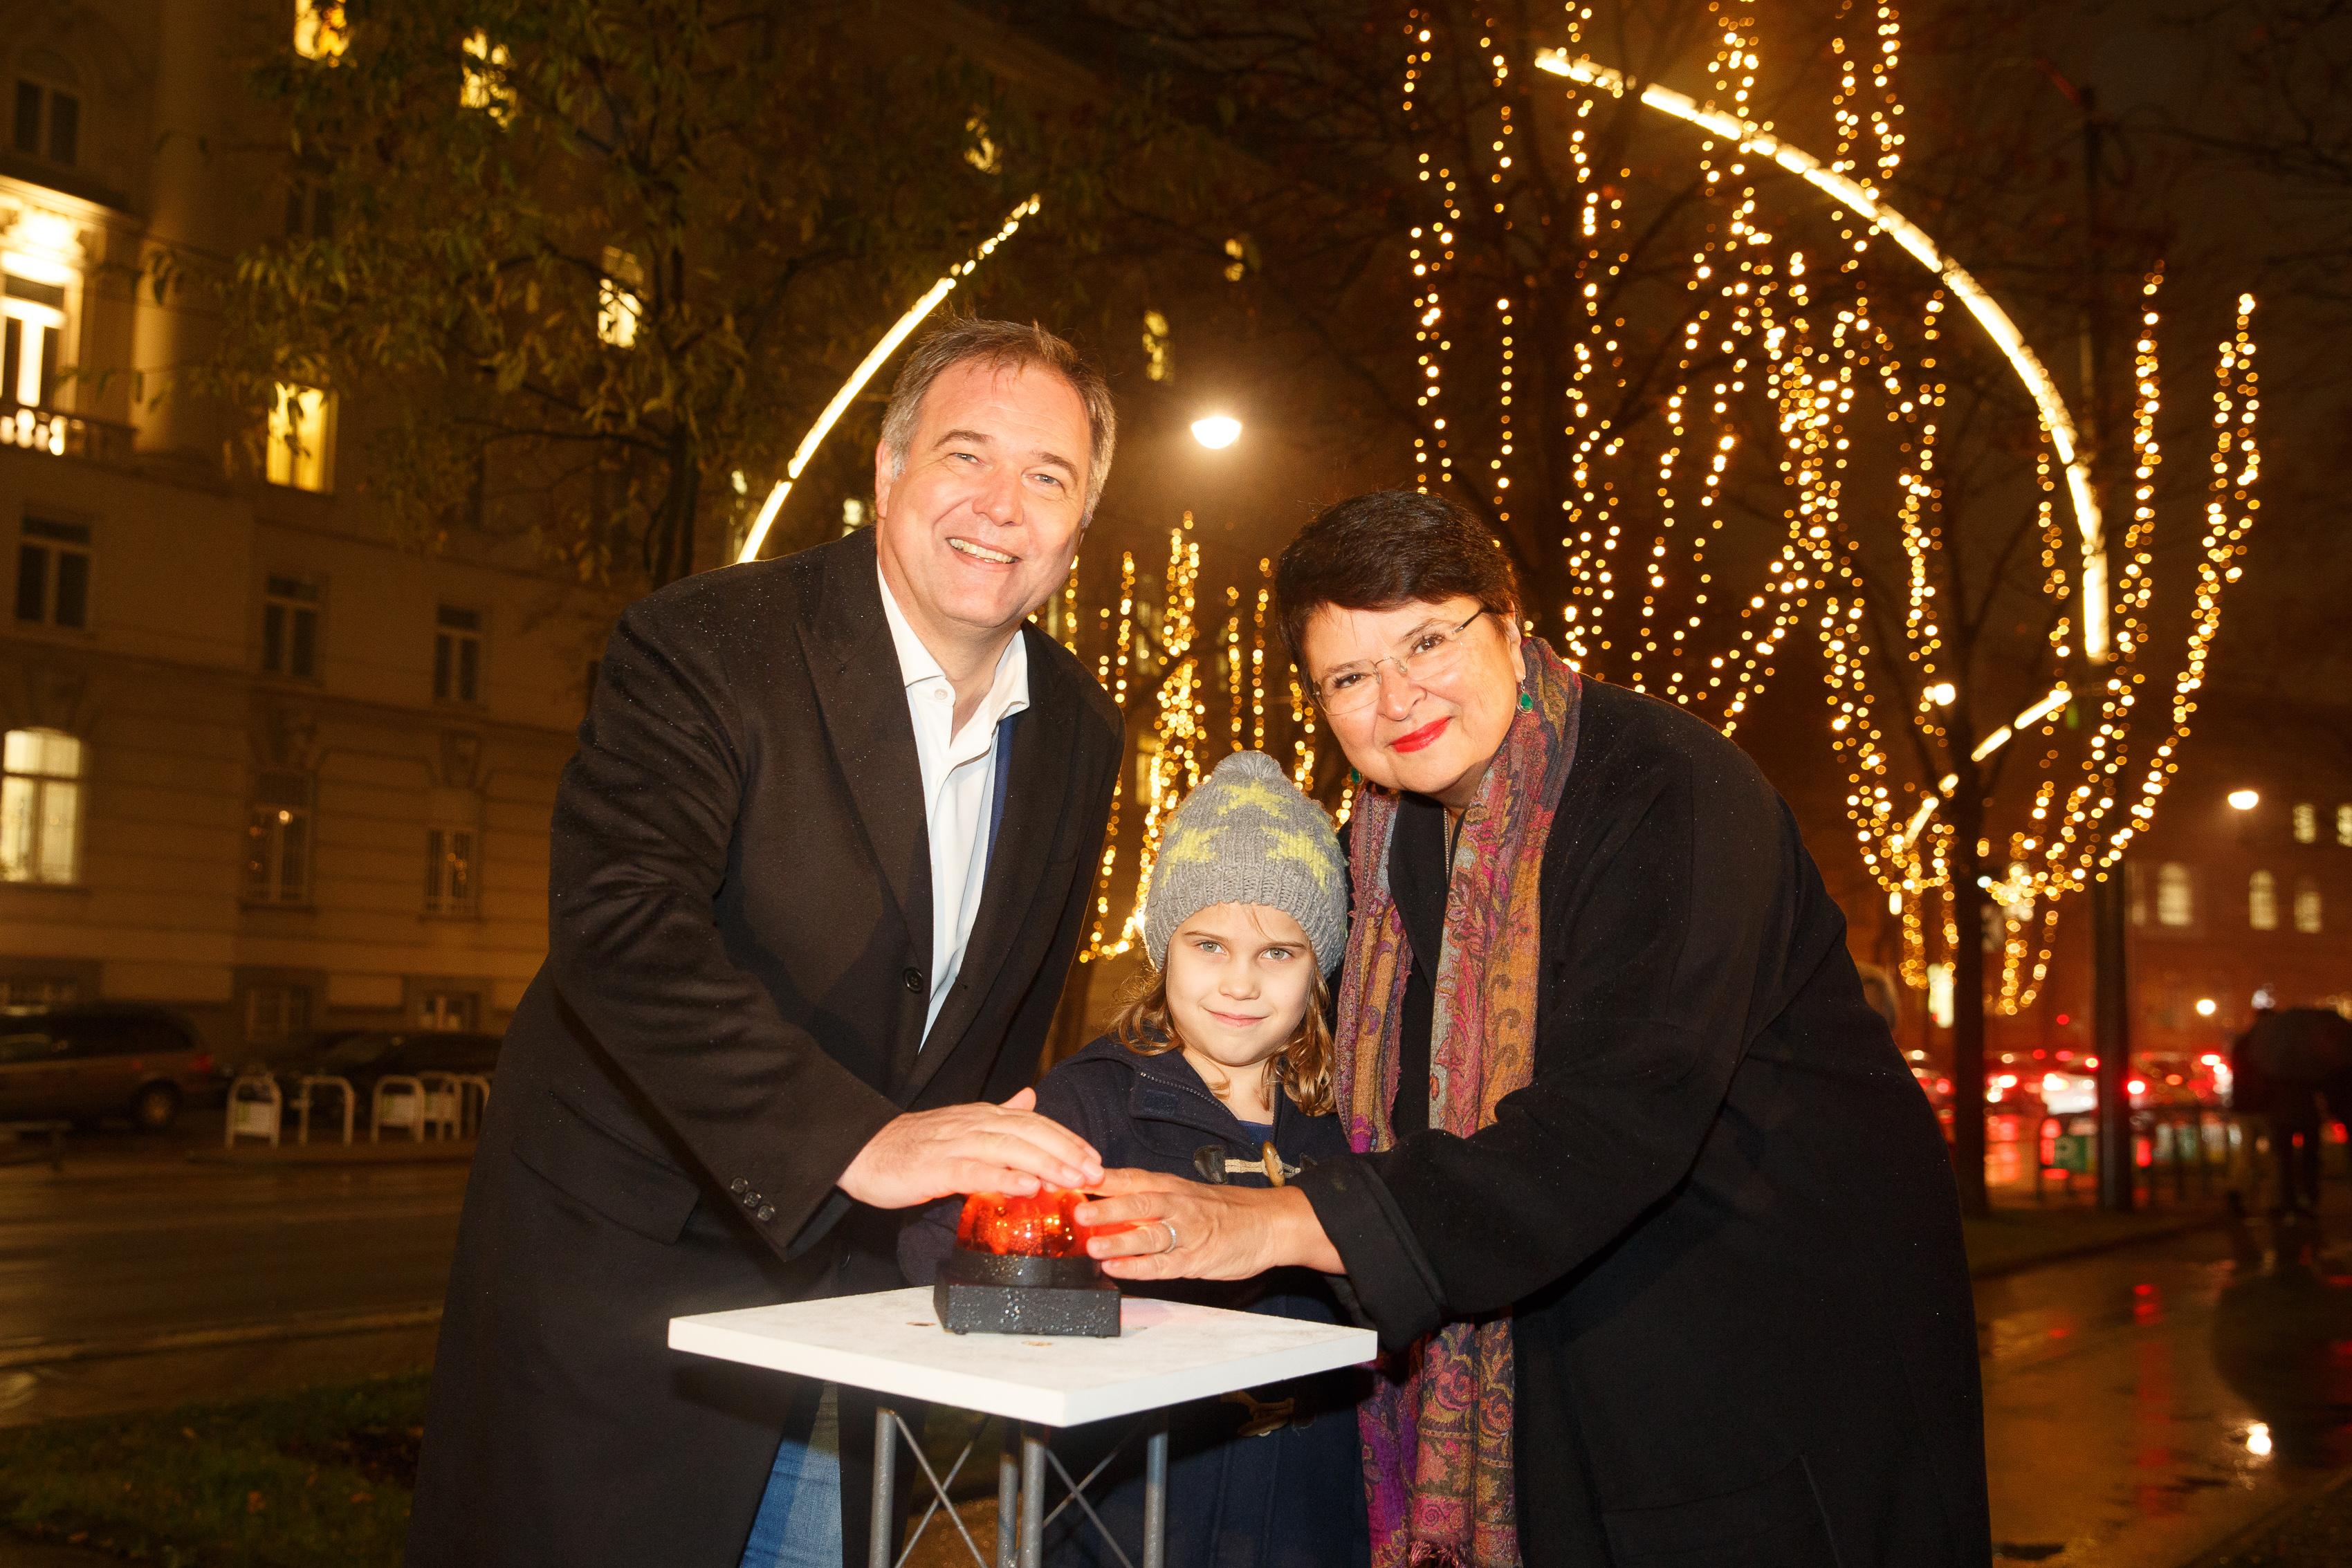 wkw - Eröffnung Weihnachtsfestbeleuchtung 2016 -